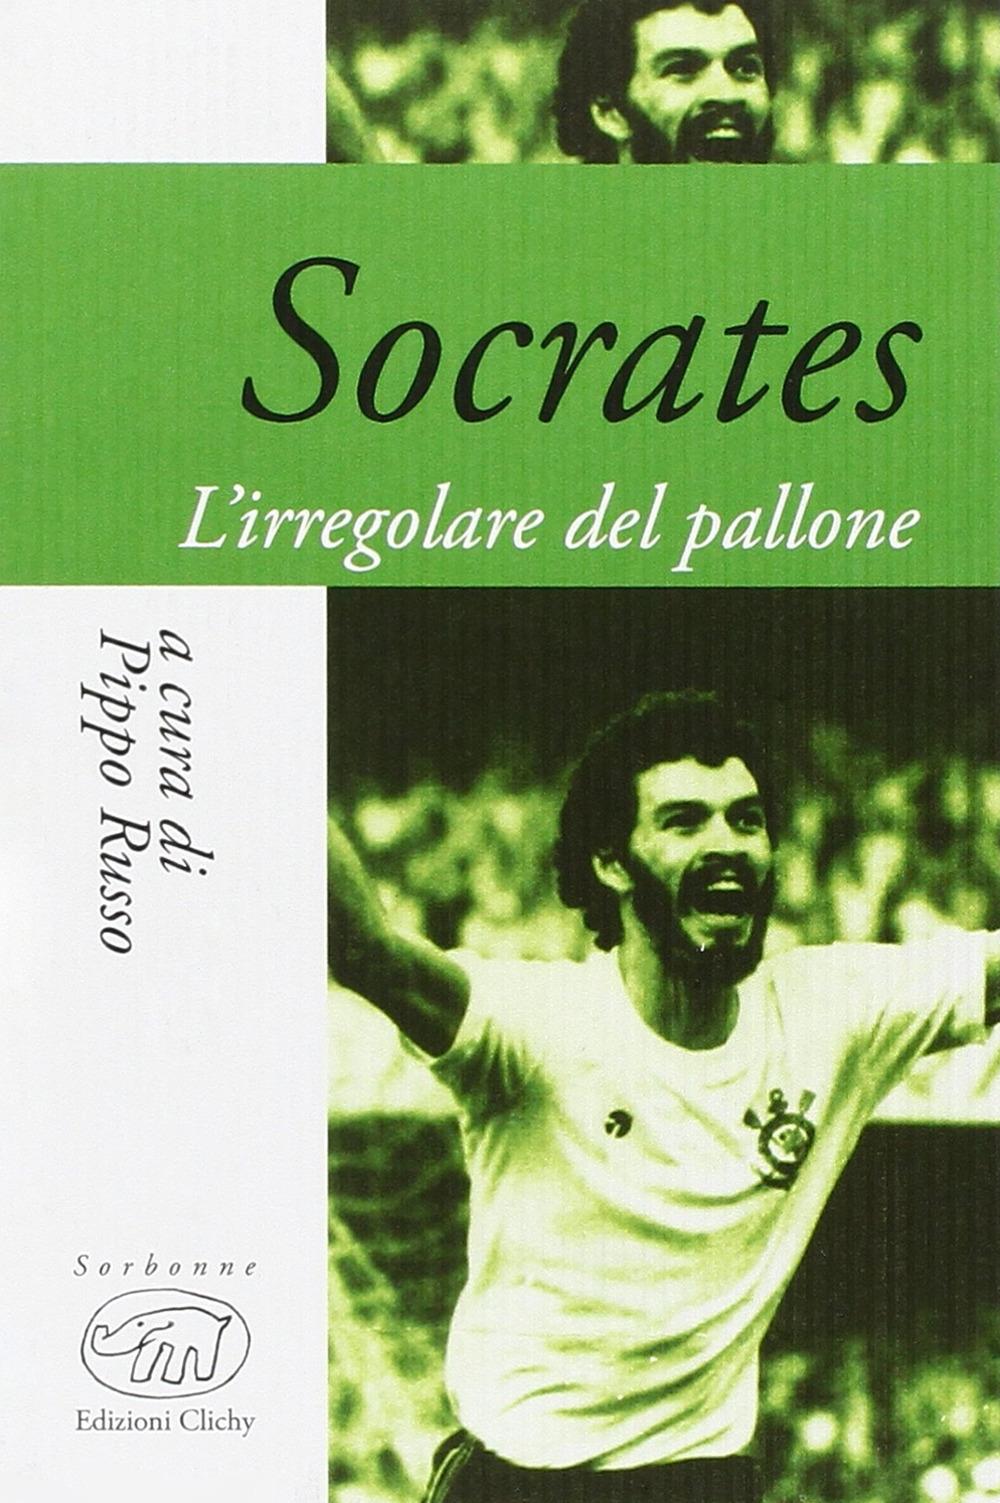 Socrates. La filosofia del pallone